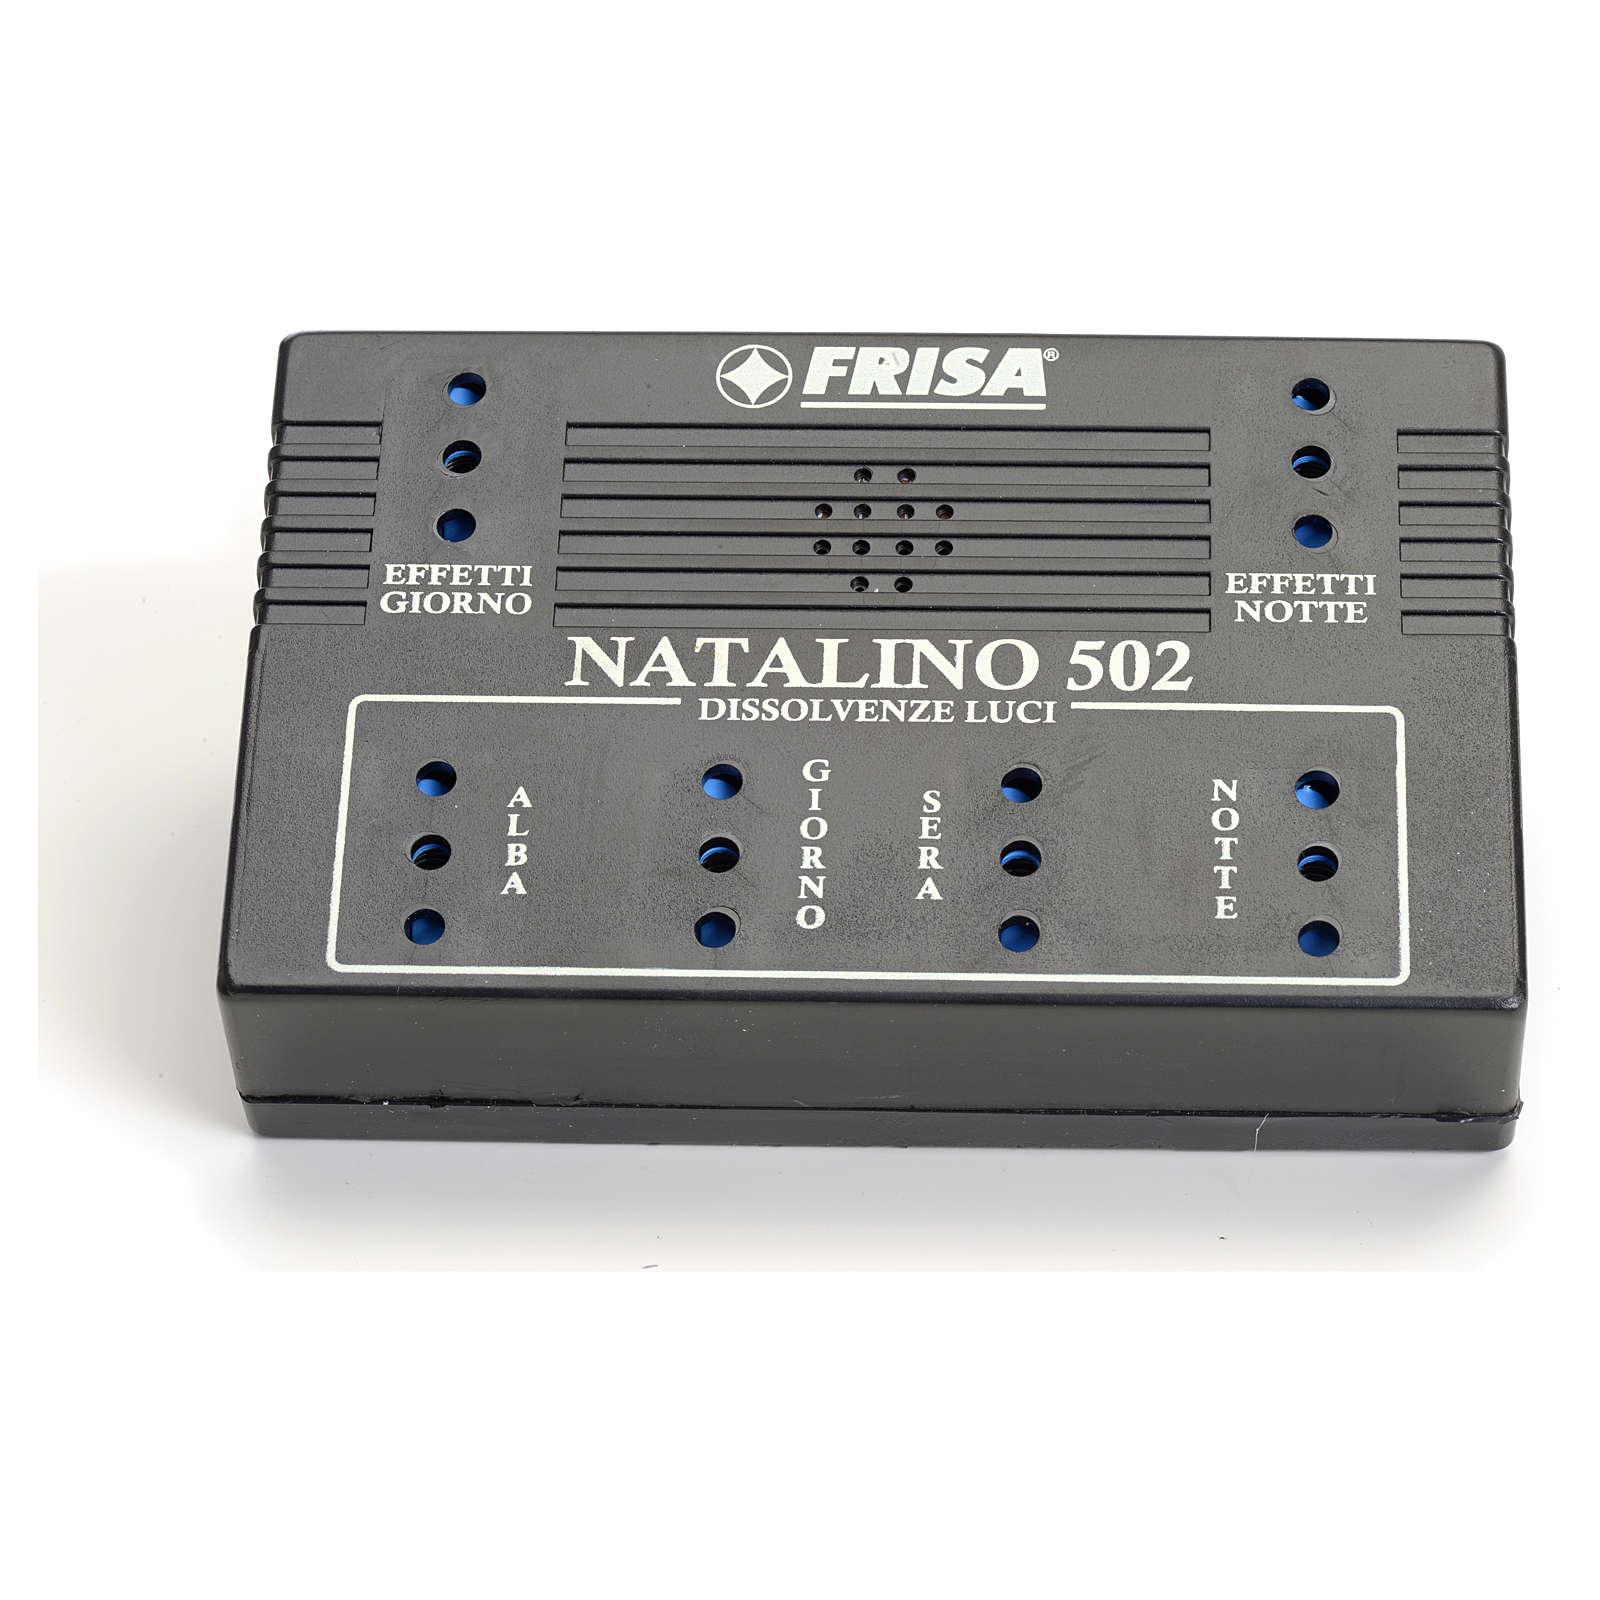 Natalino N502, day/night fading 4